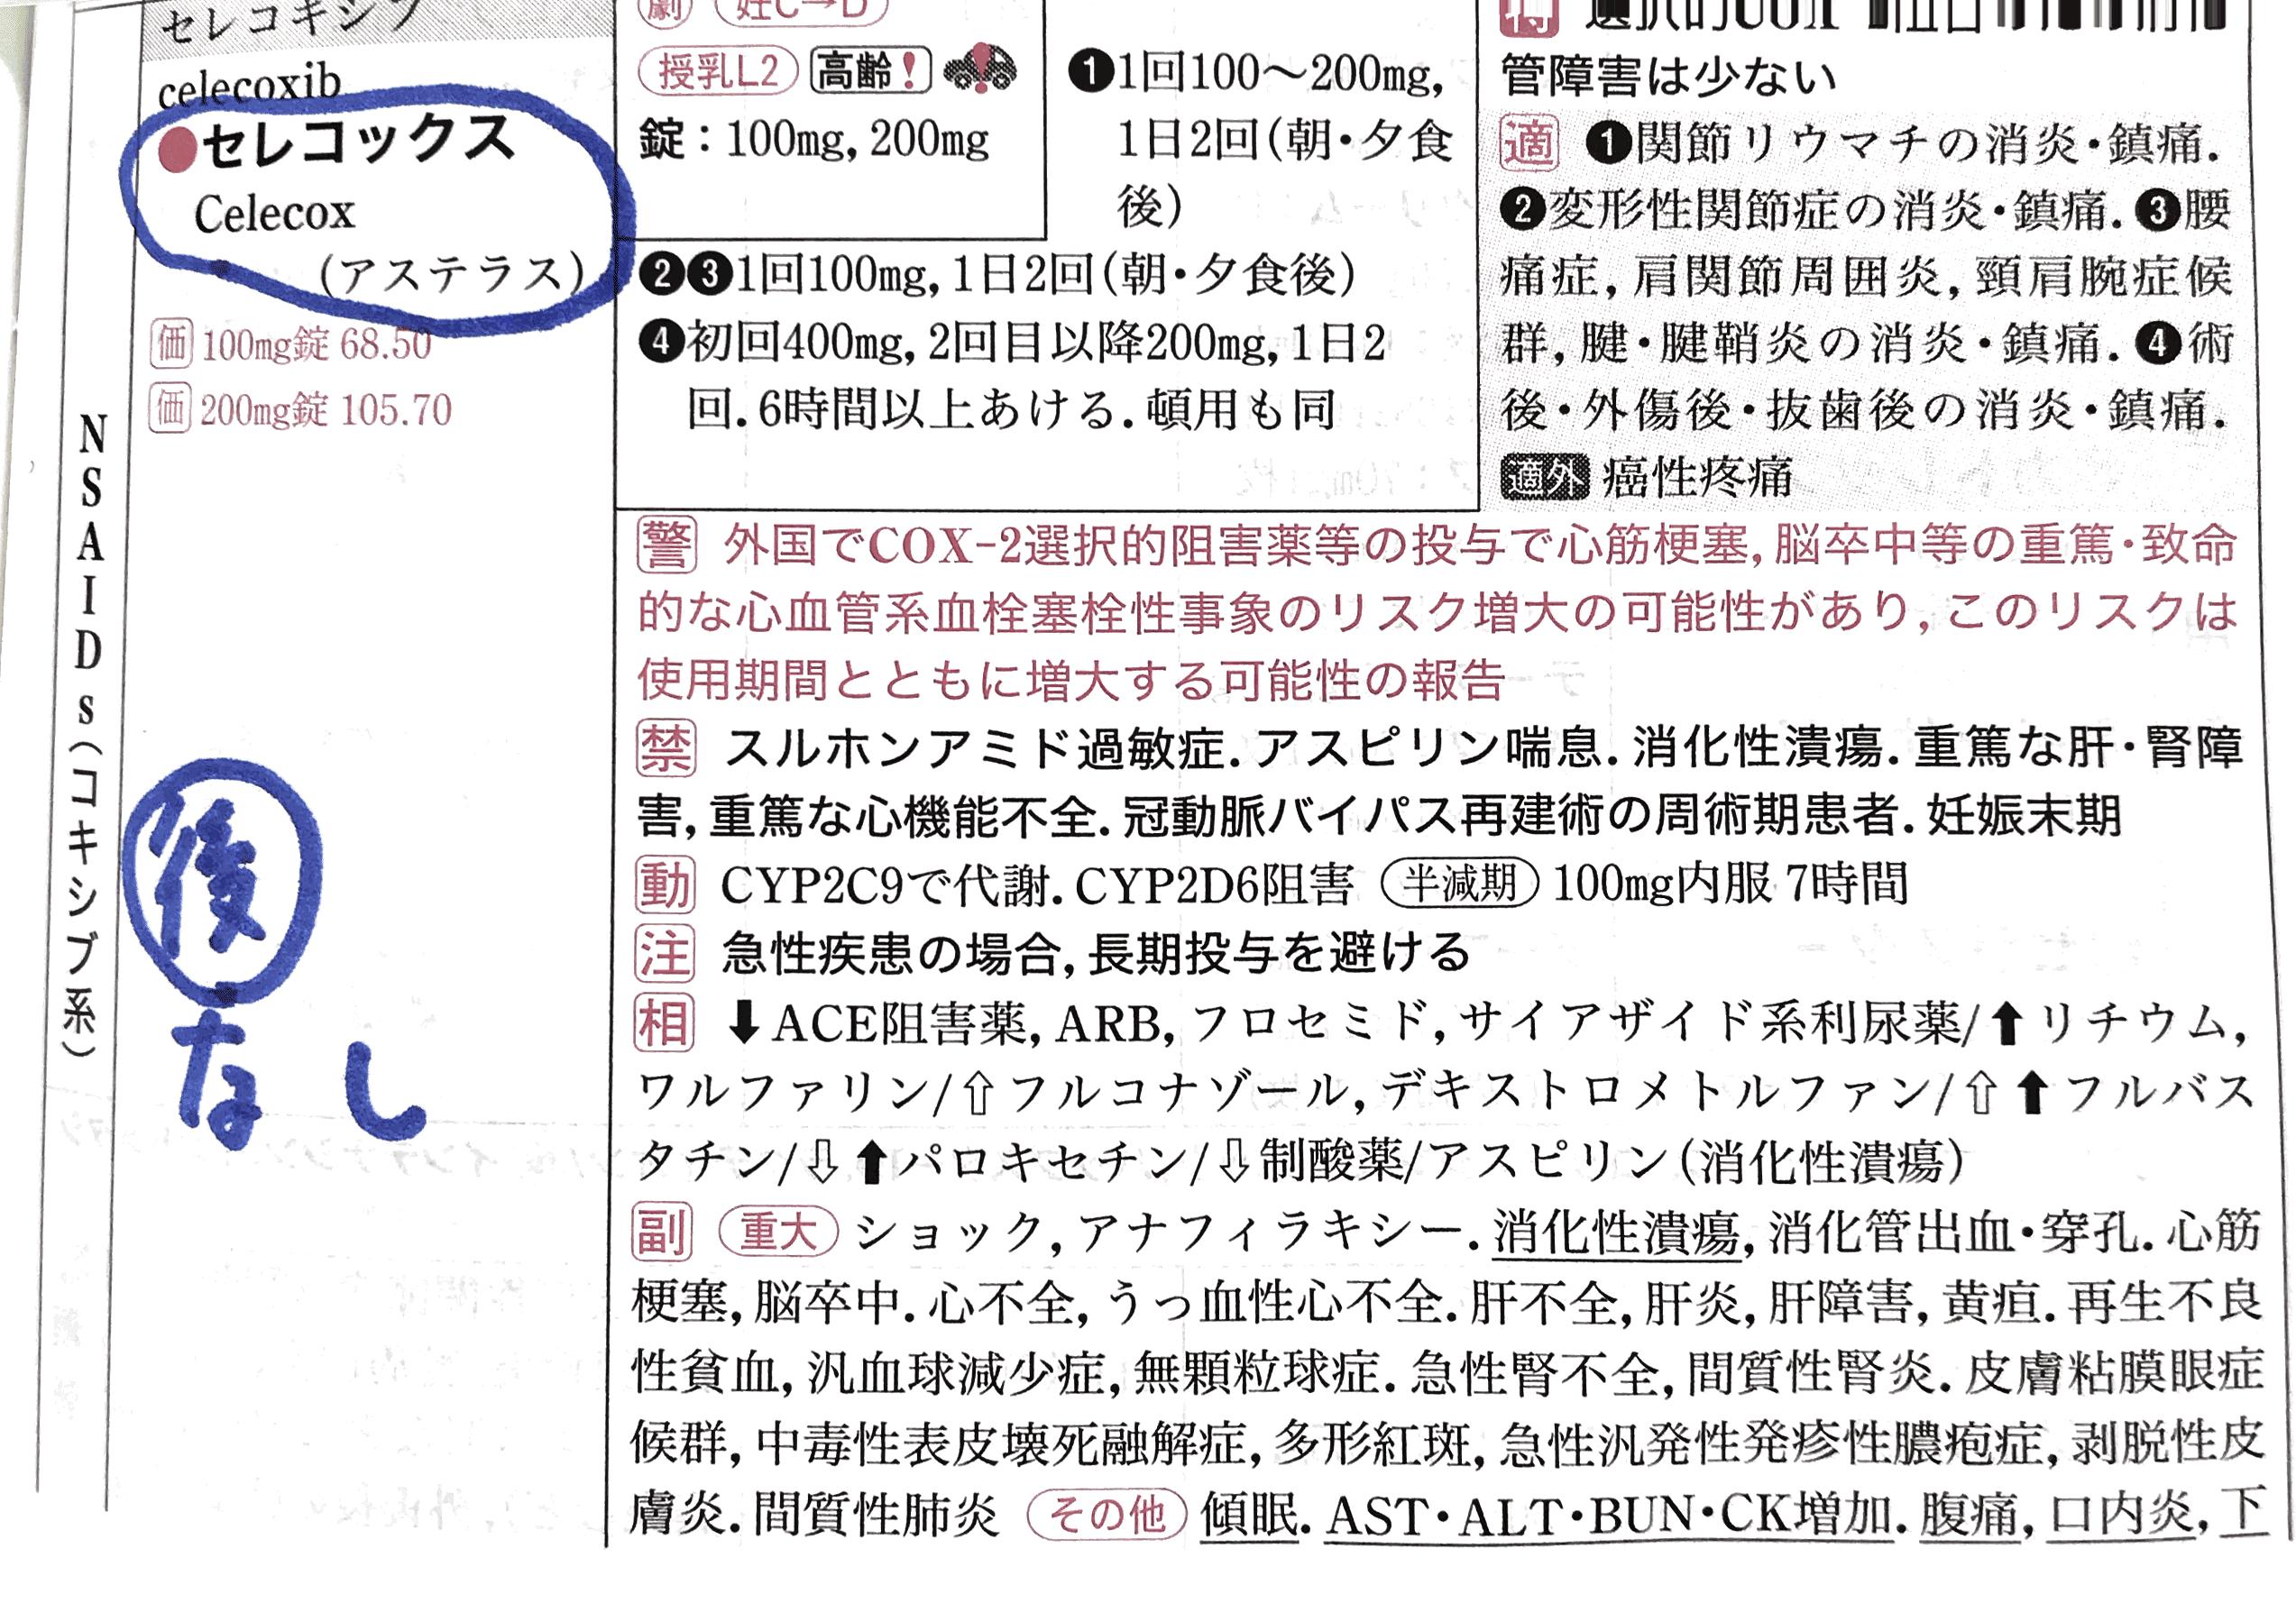 名 加算 一般 処方 先発品ない後発品も一般名‐「一般名加算1」で見解